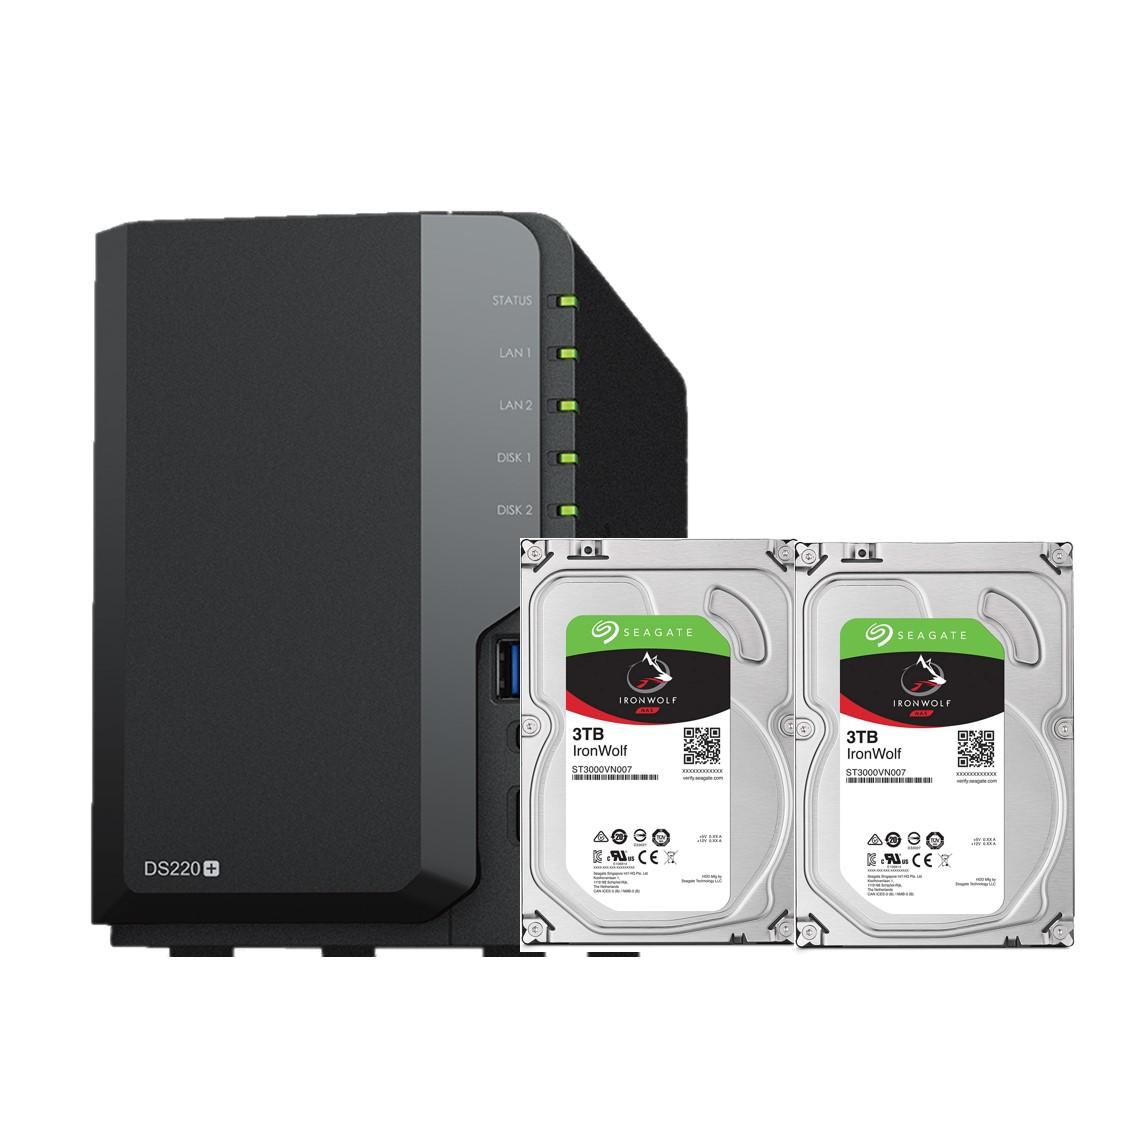 Combo: Thiết bị lưu trữ qua mạng DS220+  & 2 x Seagate HDD ST3000VN007 (Hàng chính hãng)